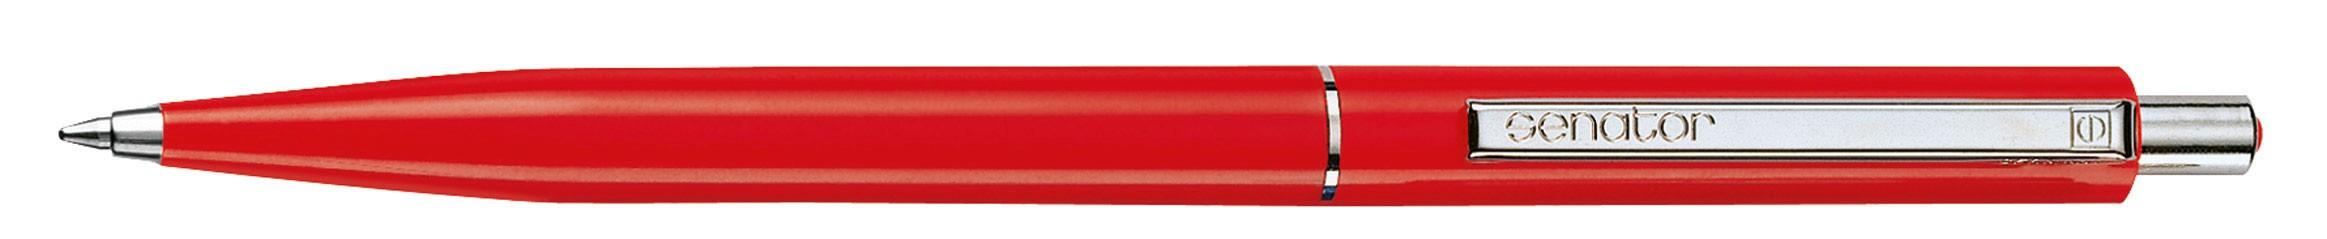 Stylo publicitaire écologique Point Polished - stylo personnalisable